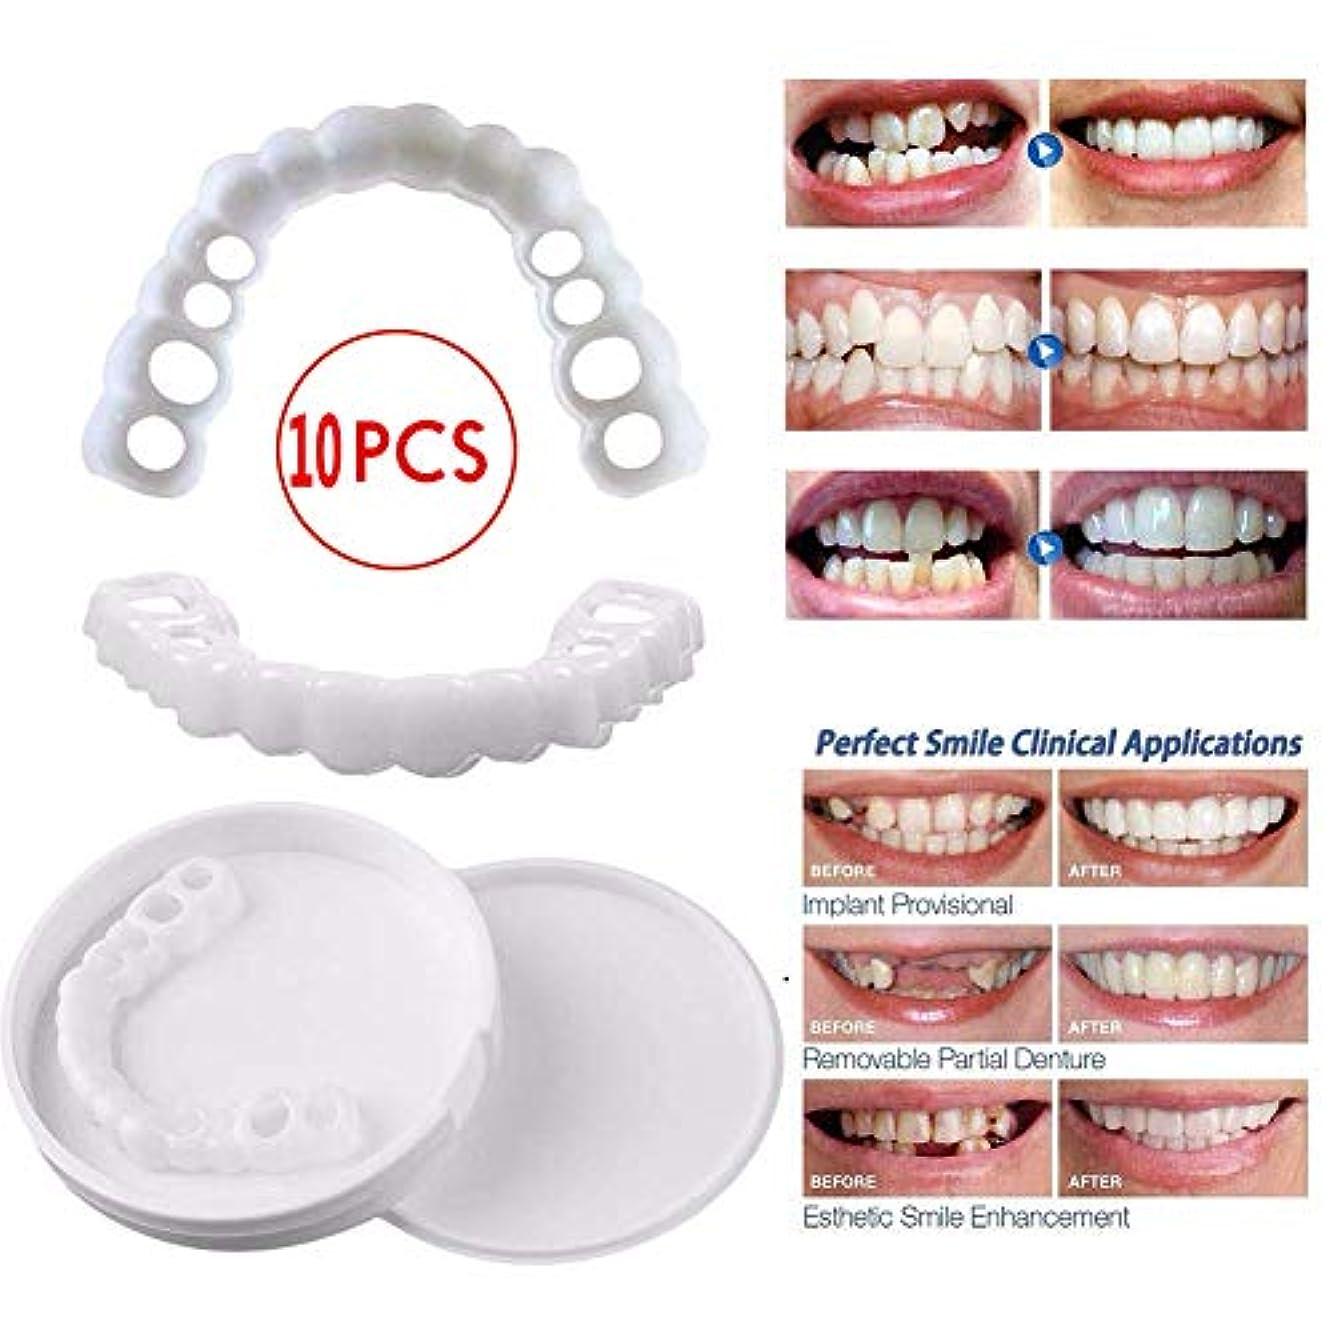 ピンク賛美歌メドレー10個の一時的な歯のホワイトニング、歯の一時的な化粧品の歯の義歯歯の化粧品の収納ボックス付き偽の歯カバー,10pcsupperteeth